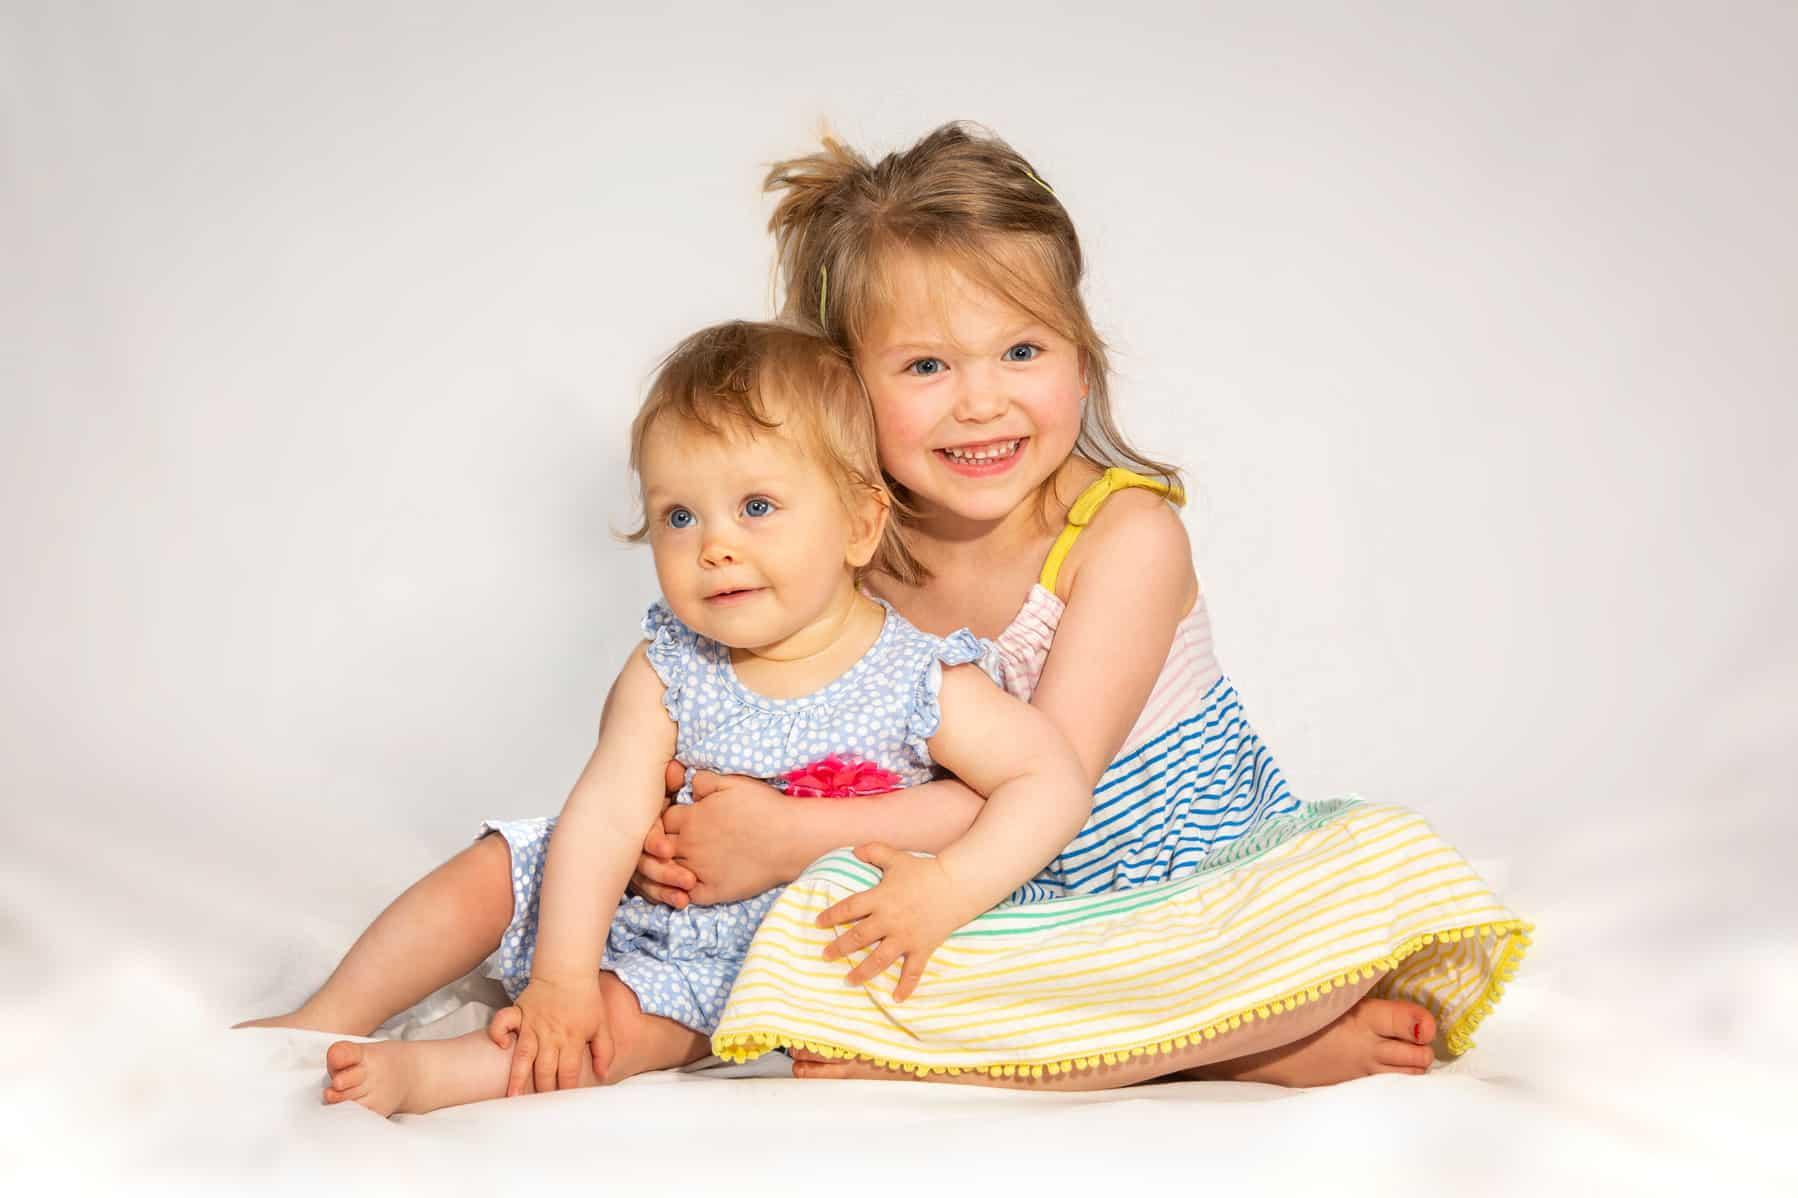 mooie foto's kinderen